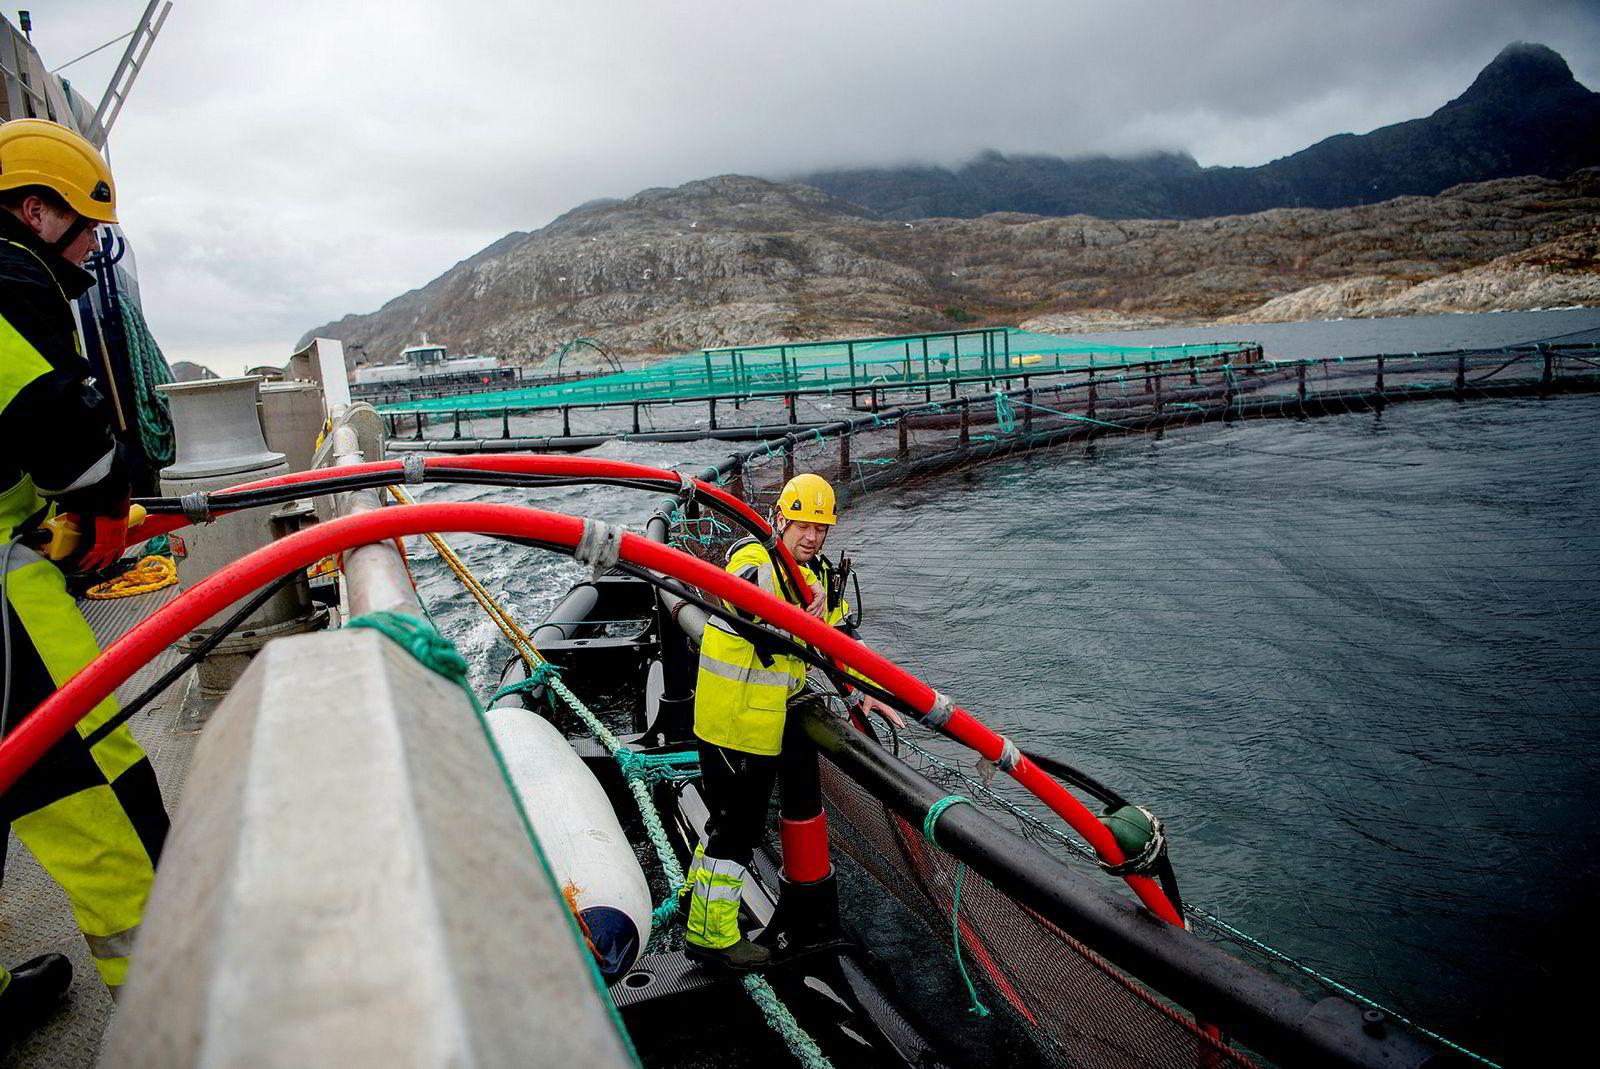 Driftsoperatør Mattias Bårnes (til venstre) og driftsoperatør Stig Edvardsen renser oppdrettsmerdene til Lofoten Sjøprodukter utenfor Bodø.